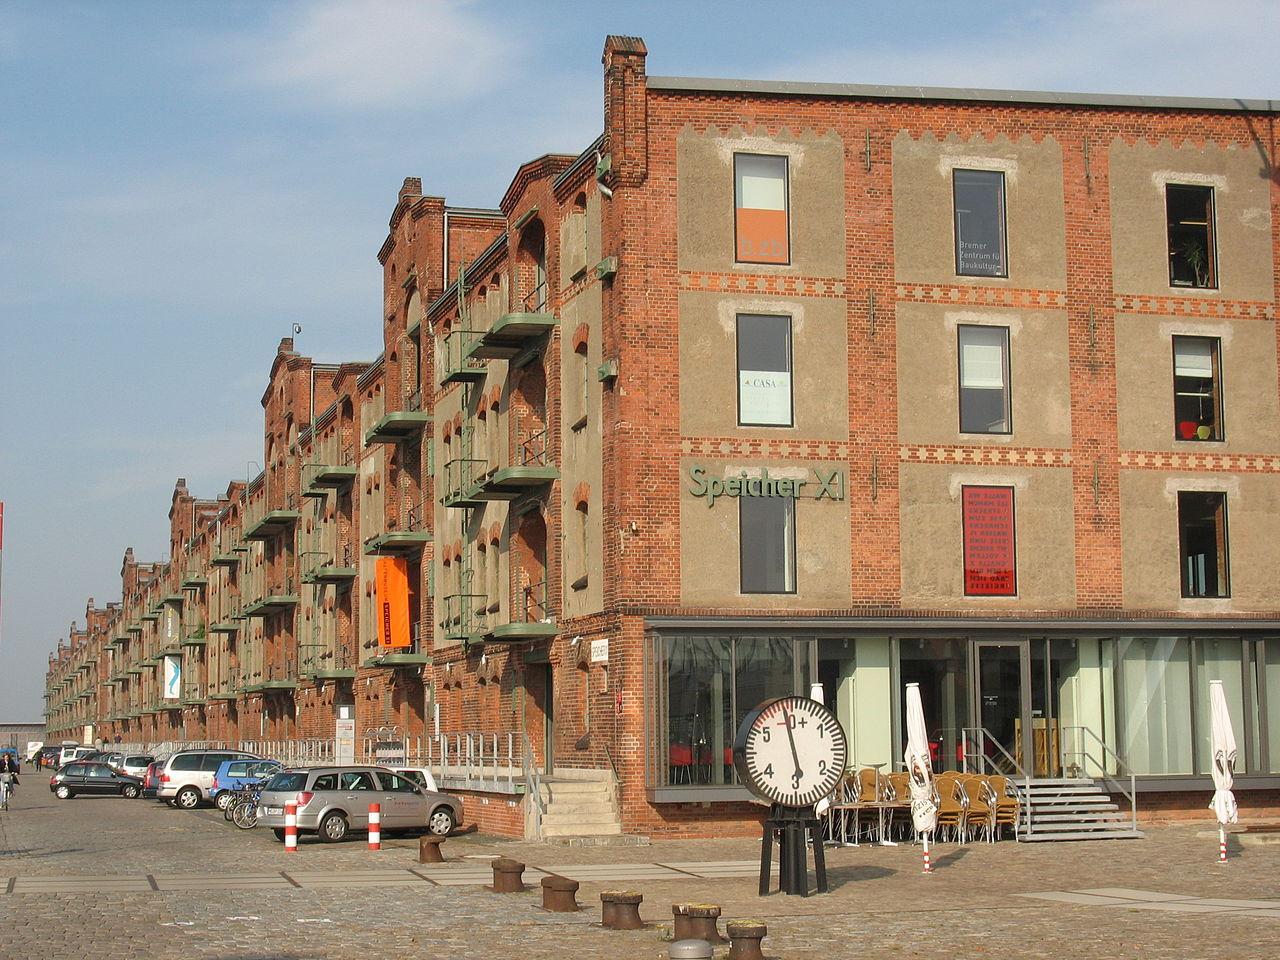 Bild Hafenmuseum Speicher XI Bremen